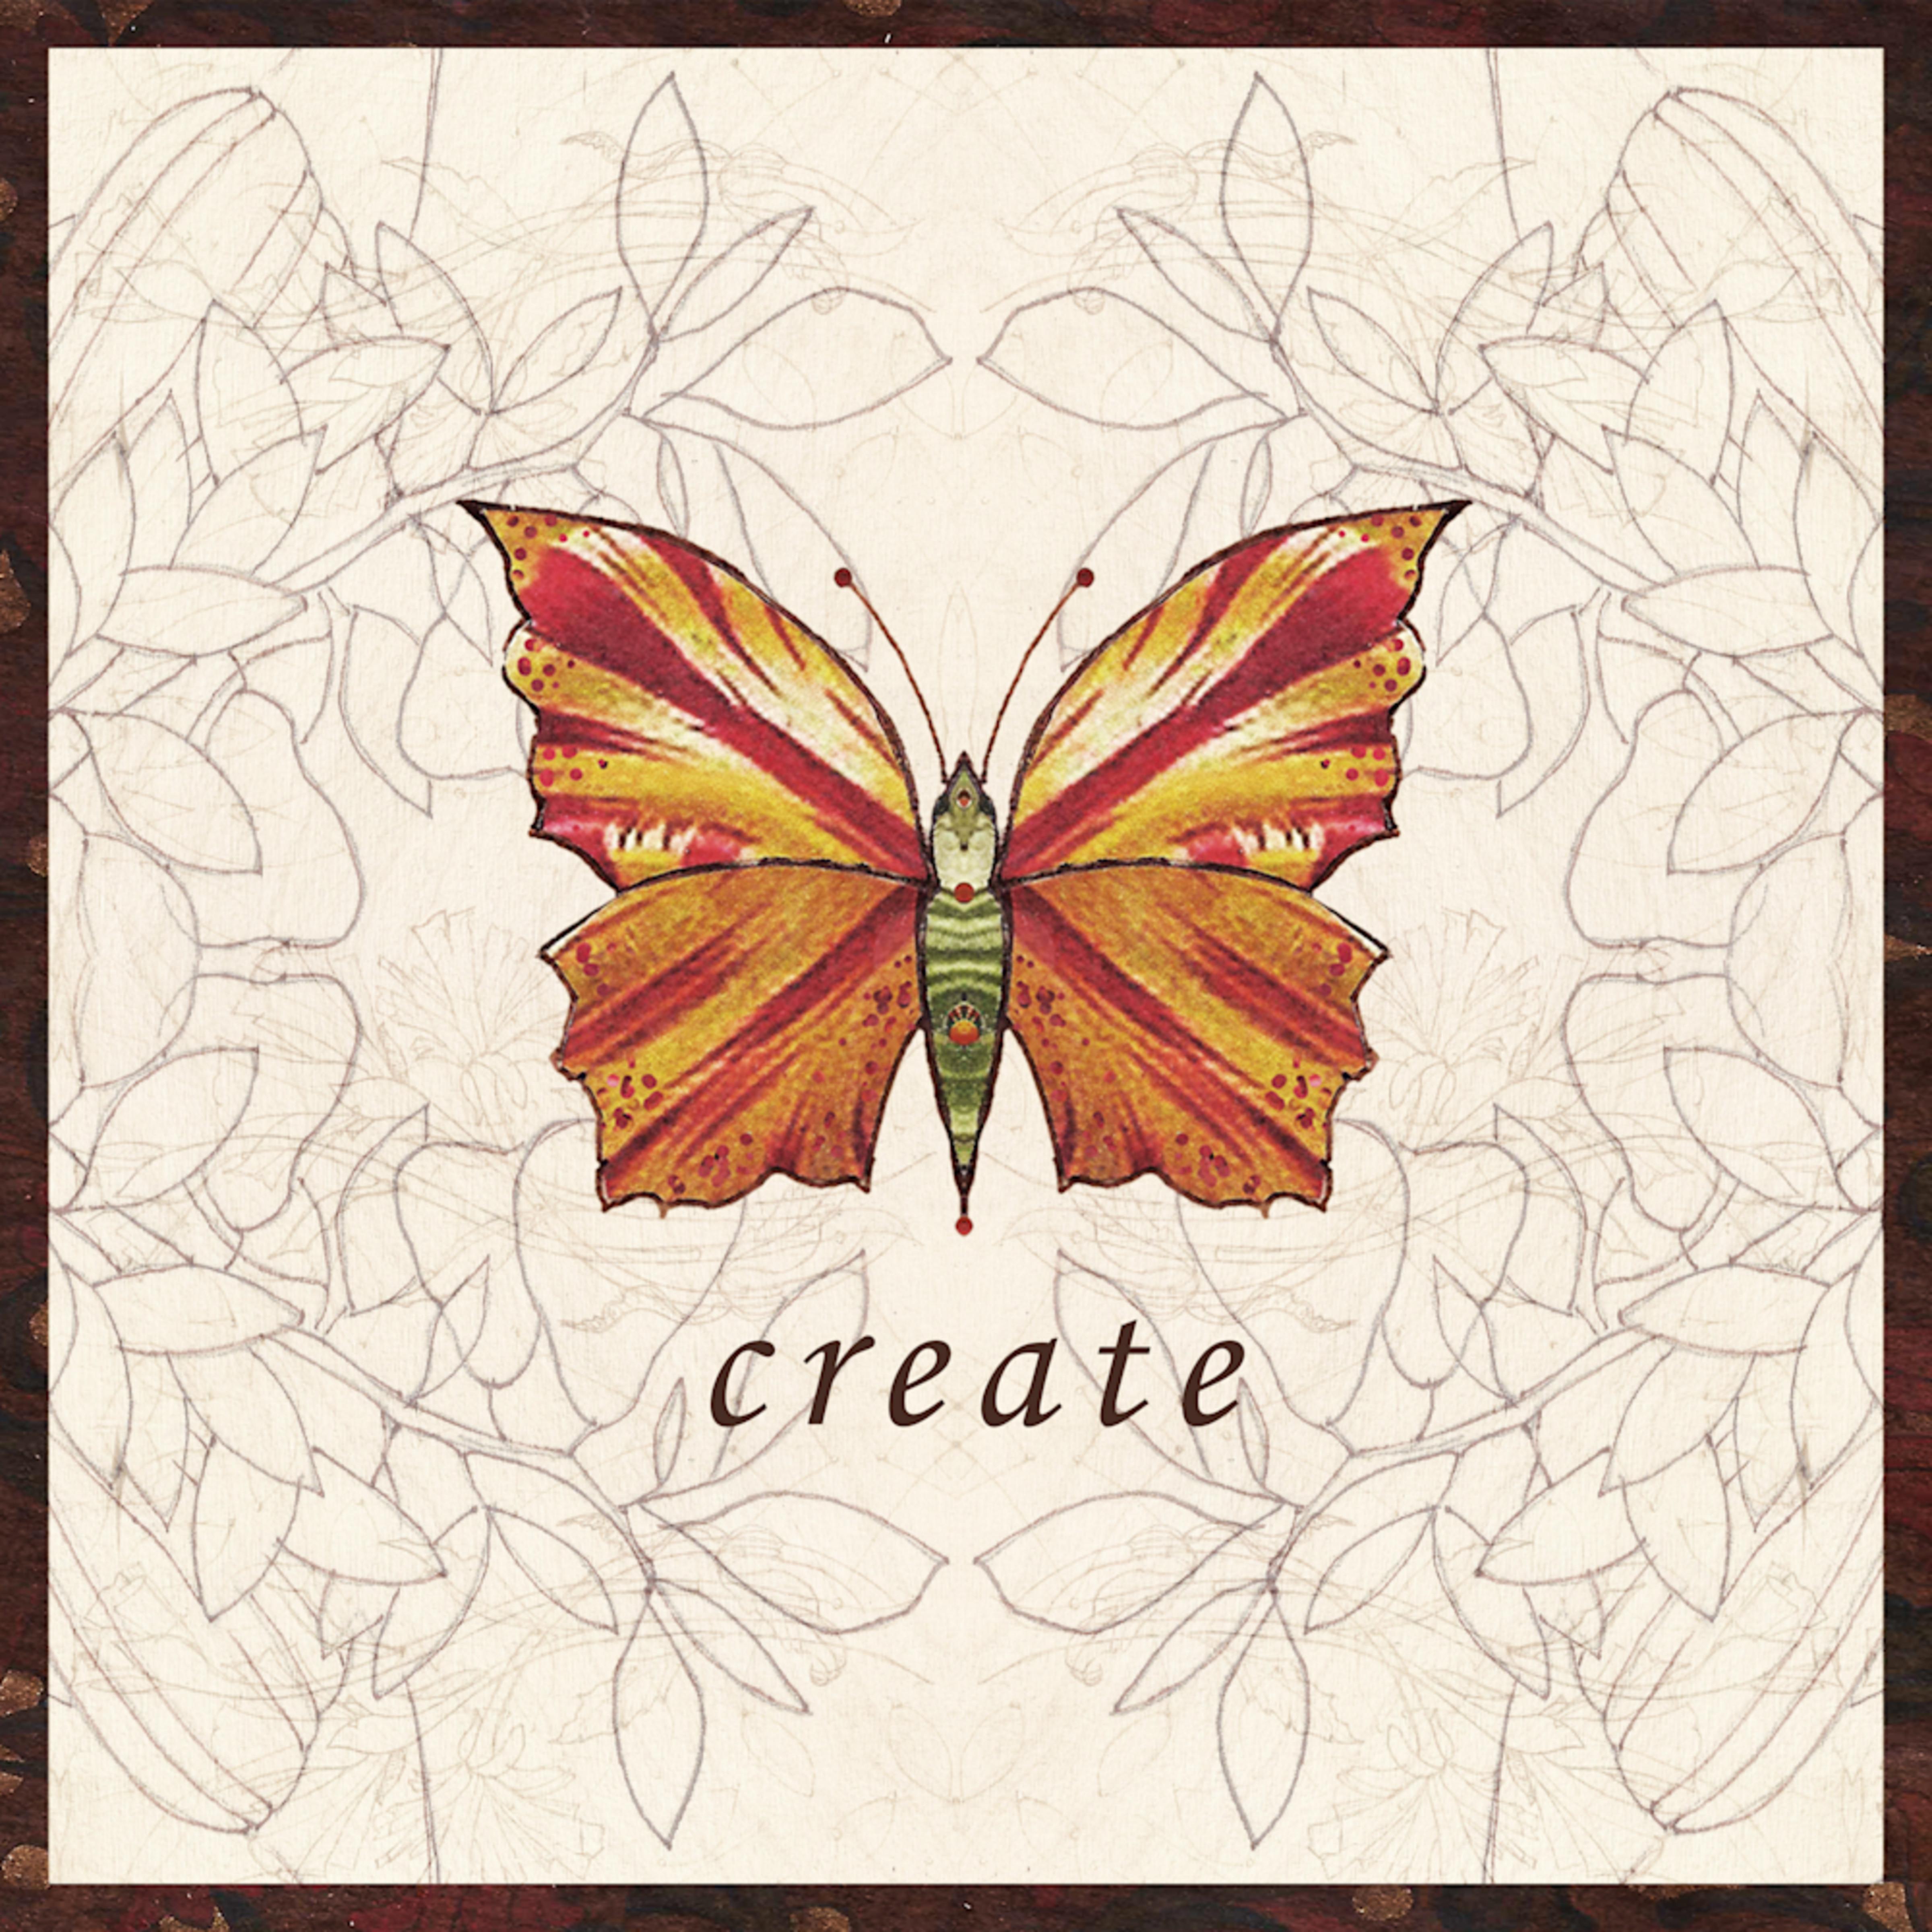 Create hoxi9e